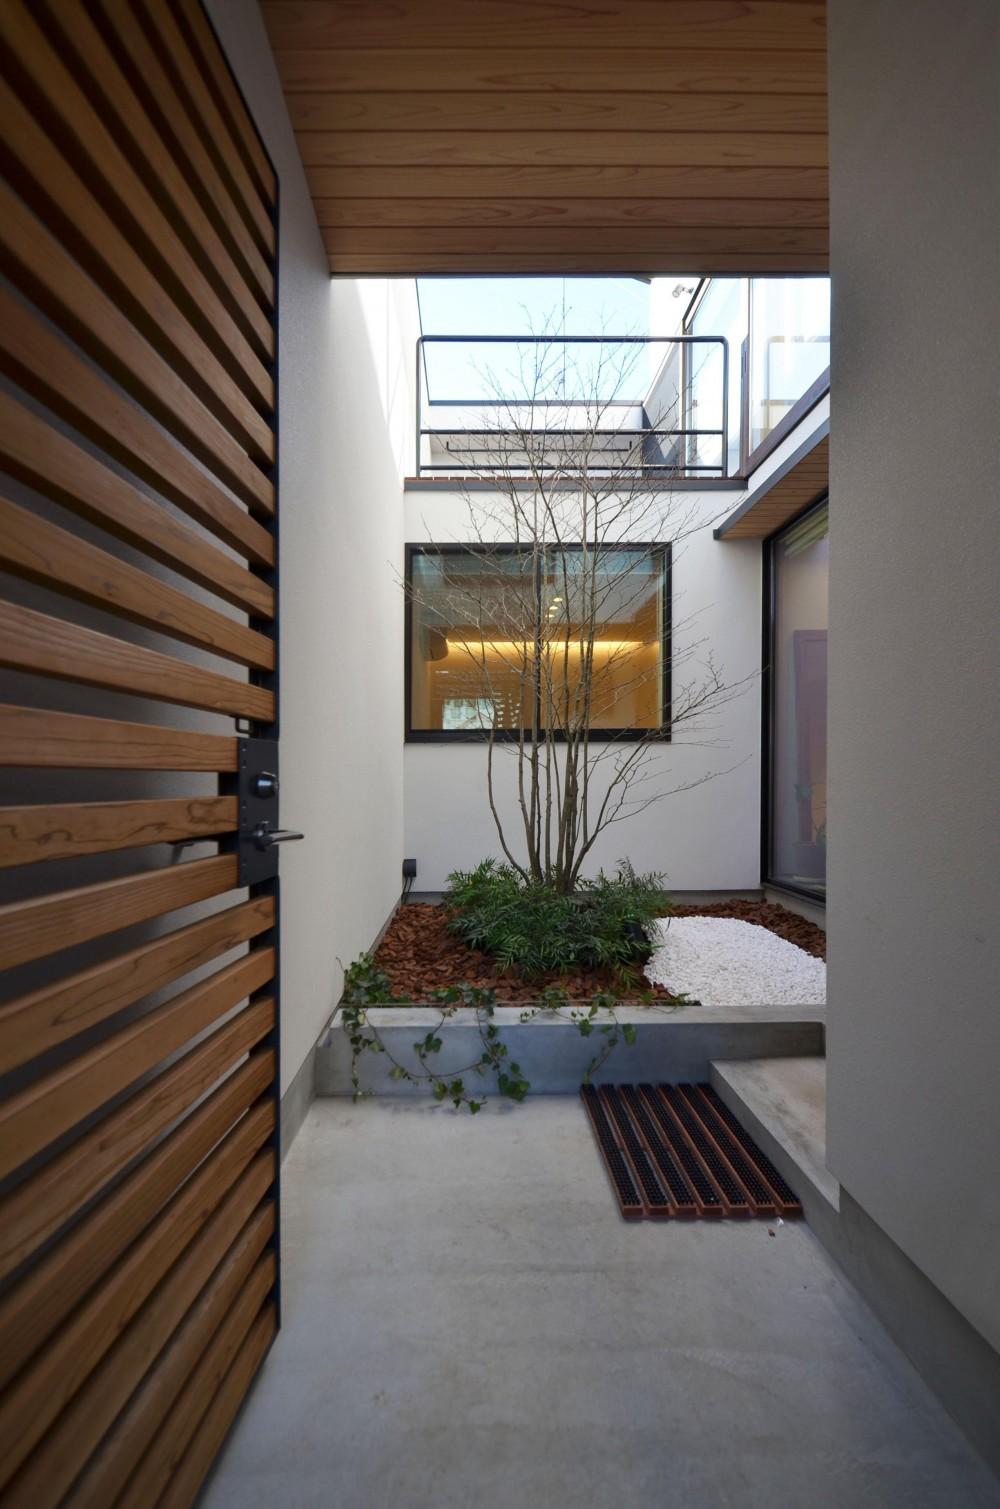 桃井M邸-中庭を中心としたコの字配置の立体コートハウス- (門扉より中庭を望む)